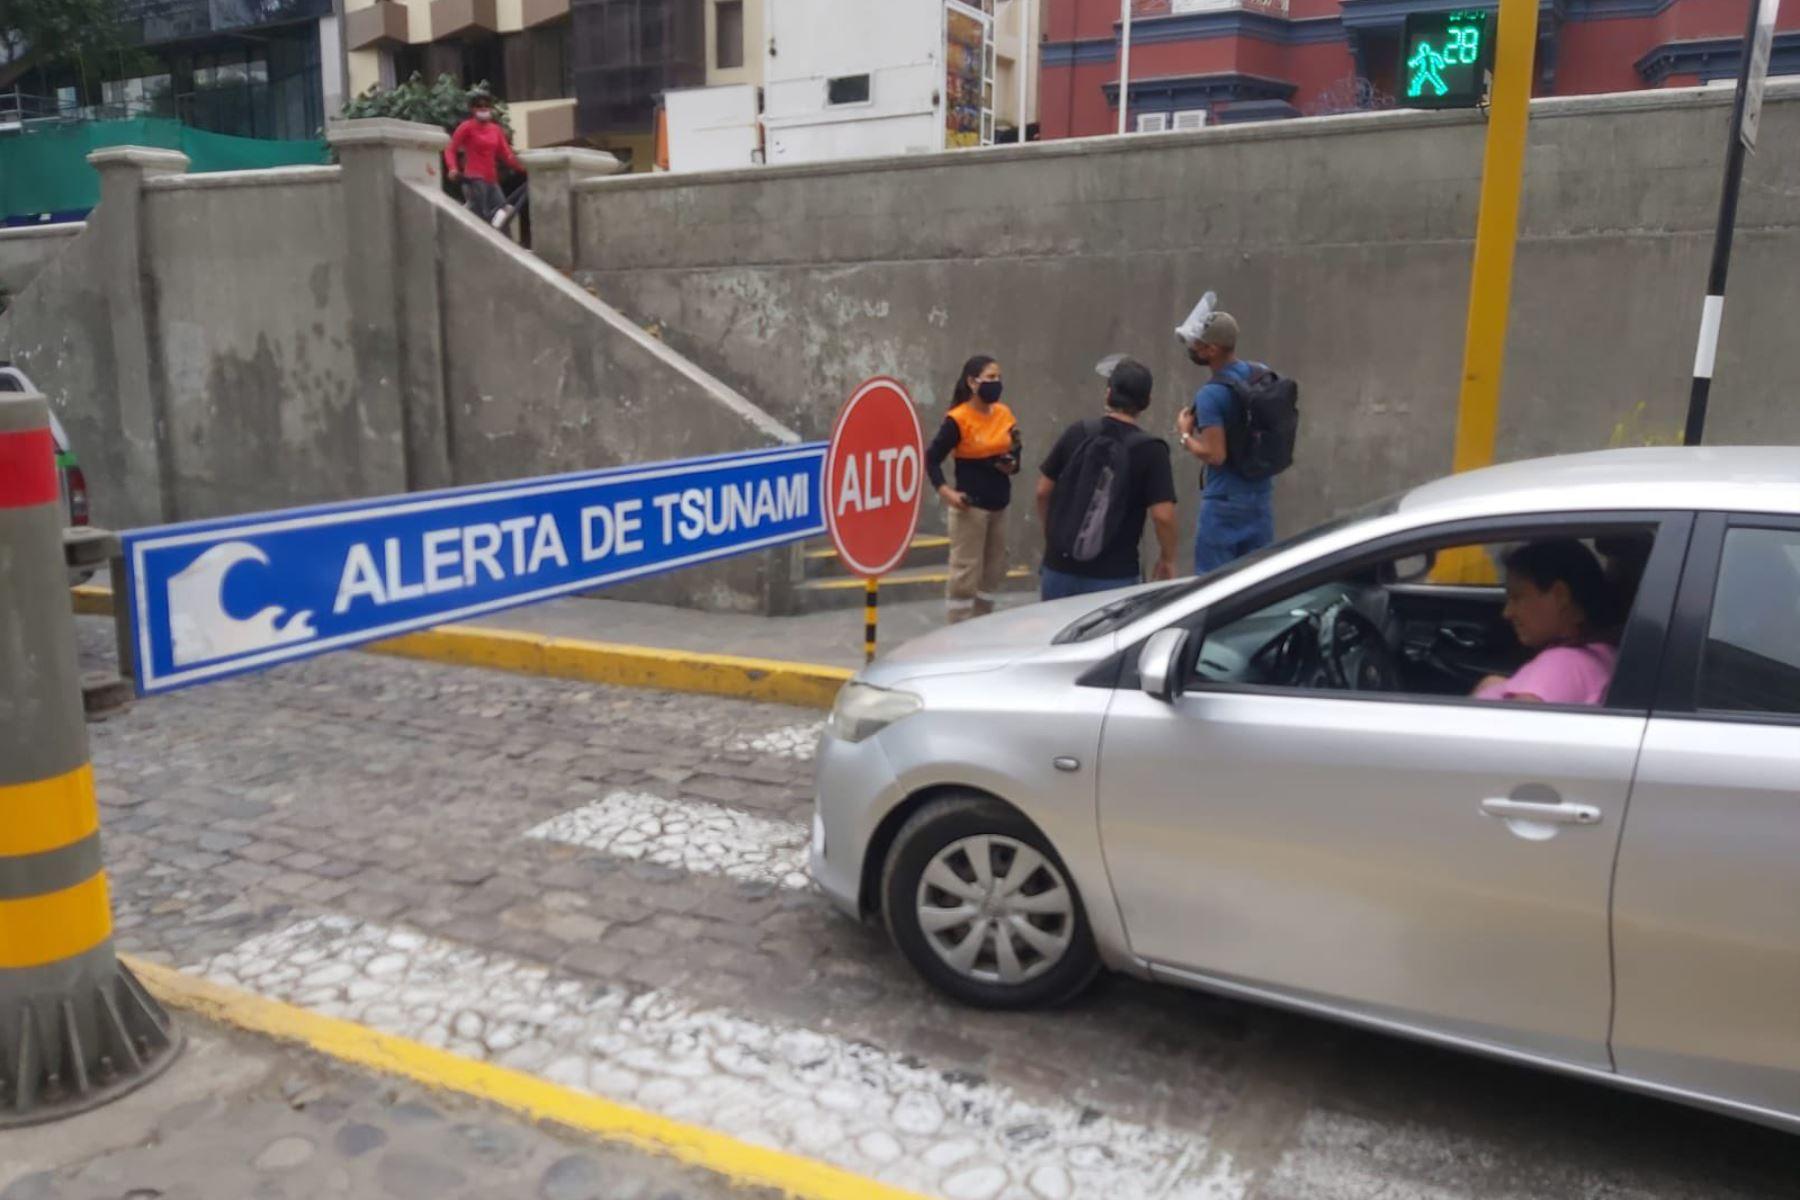 El circuito de playas en Miraflores permanece cerrado como medida de prevención. Foto: ANDINA/Difusión